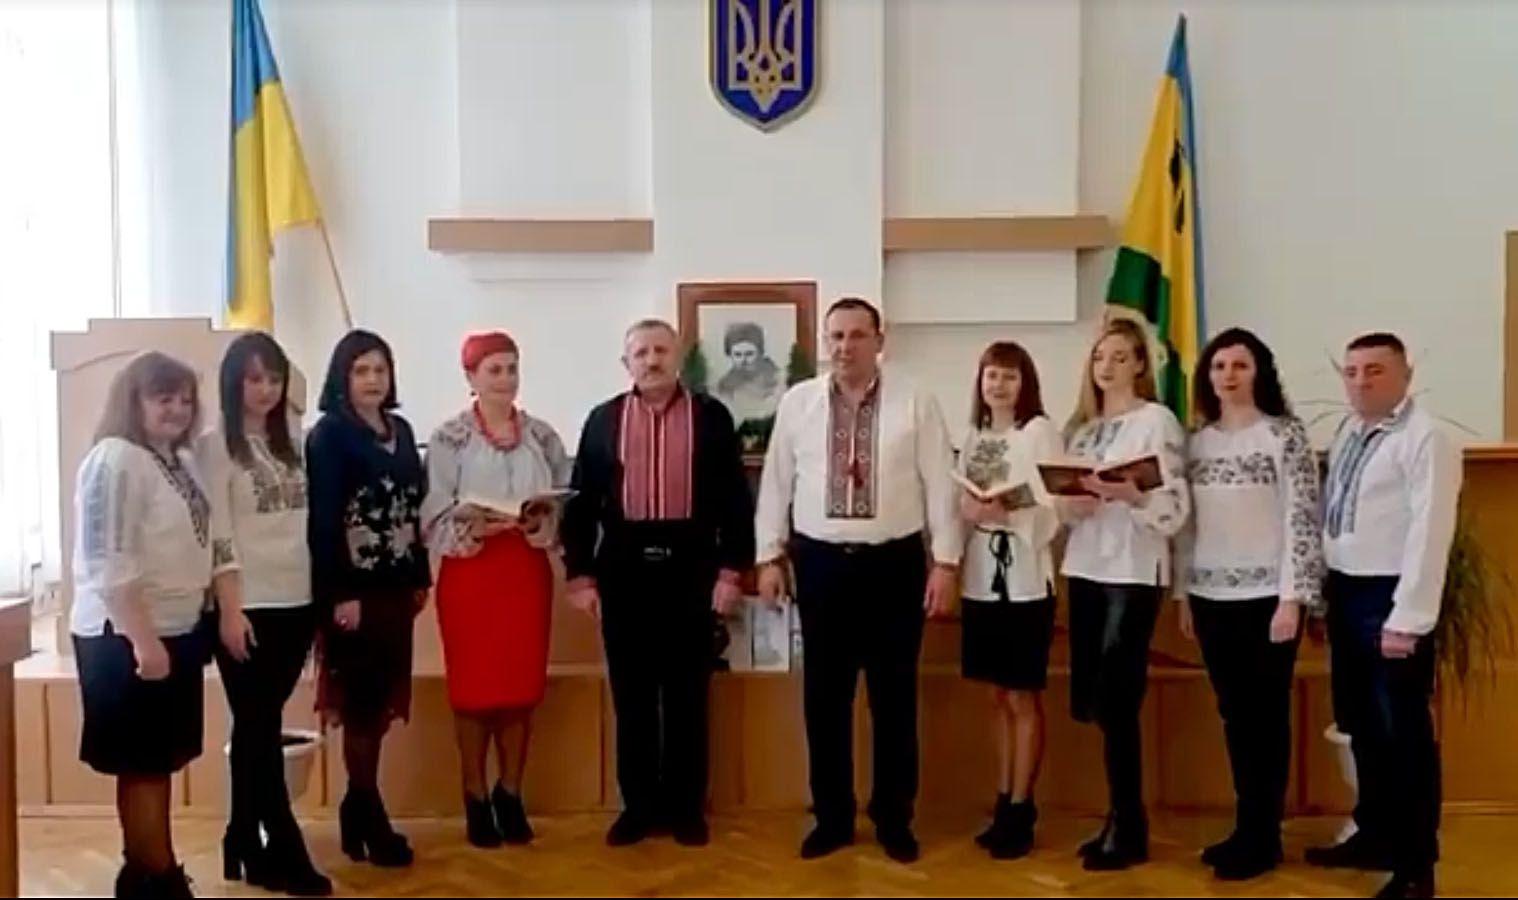 Твори Кобзаря читав керівник Рокитнівського району